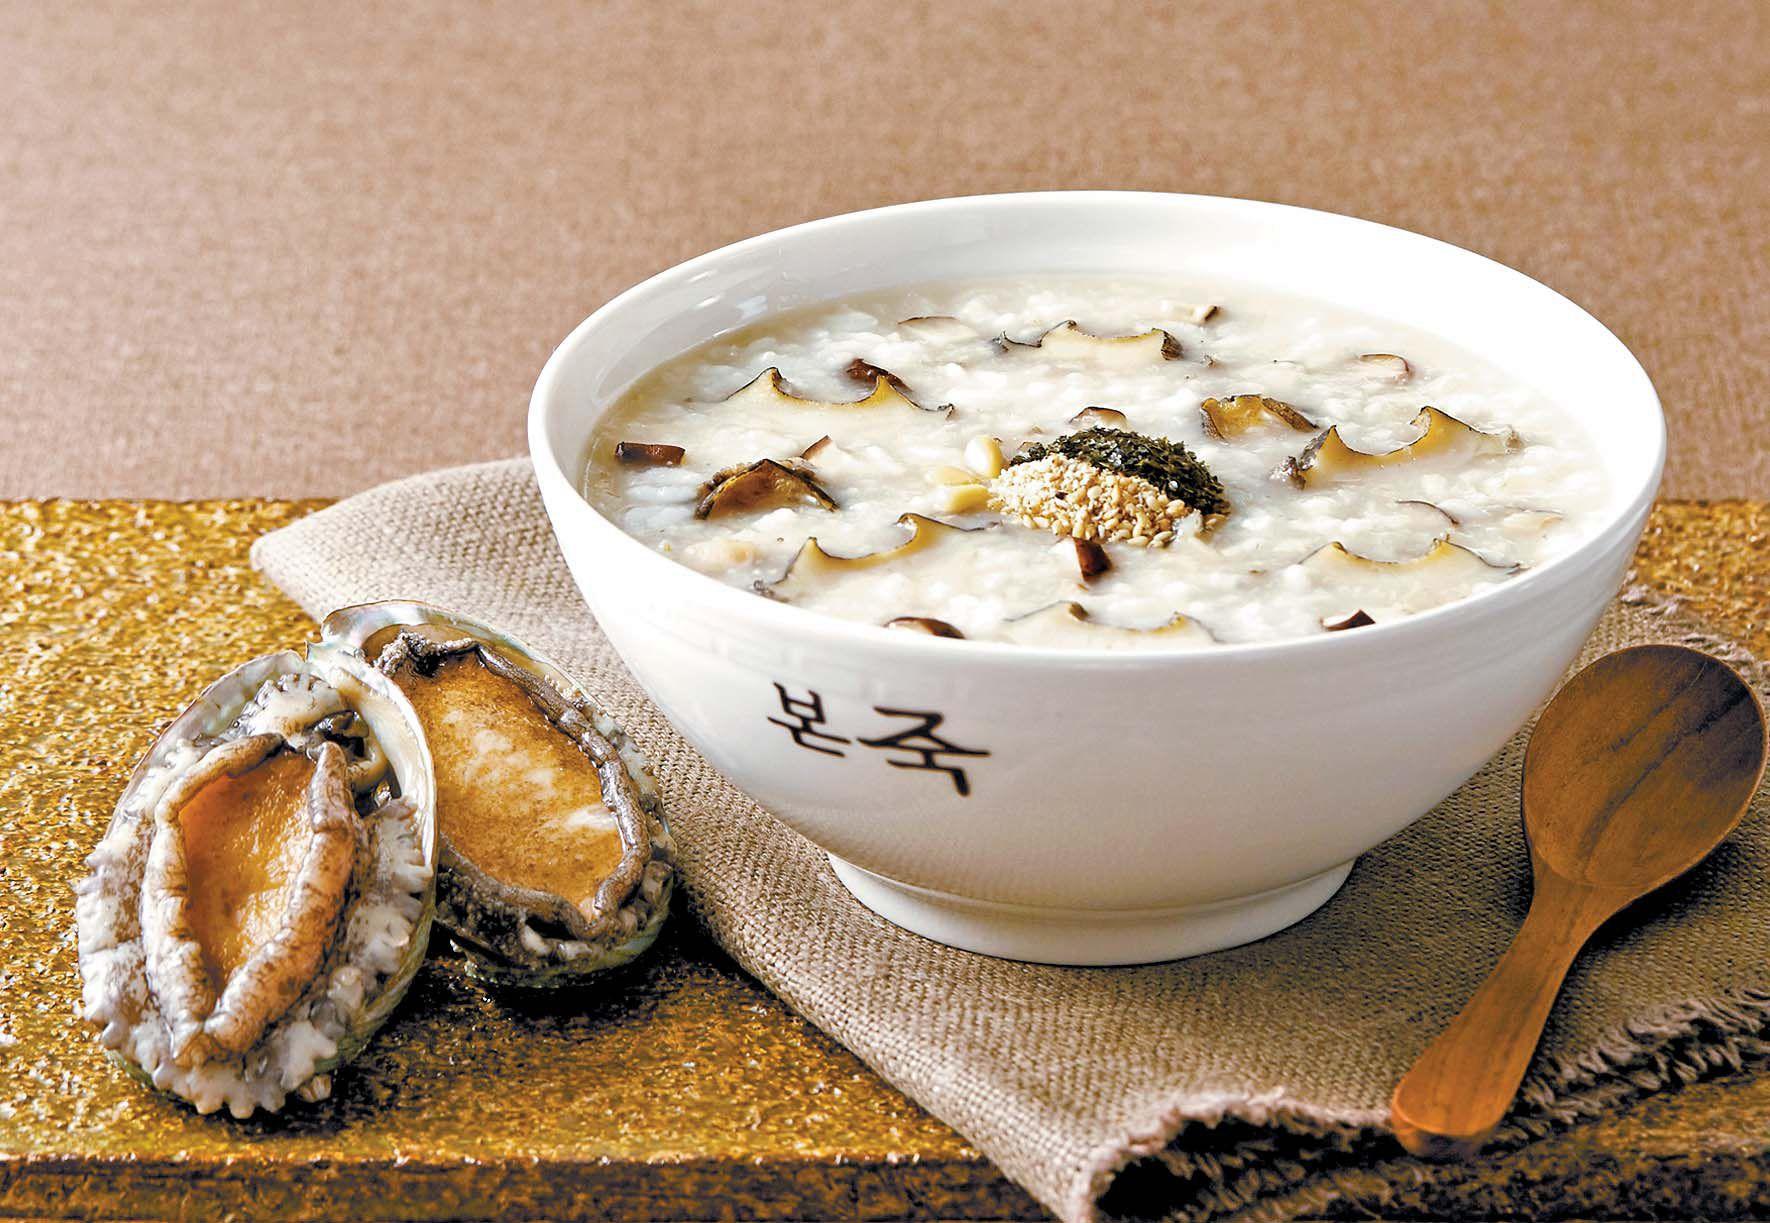 한국인이 속이 불편할 때 찾는 대표적인 음식 중 하나가 바로 '죽'이다. 죽은 곡물을 많은 양의 물과 함께 오랜 시간 끓이기 때문에 소화가 잘되고 위에 자극이 없어 불편한 속을 달래는 데 효과적인 음식이다. 사진은 본죽의 전복죽 이미지. [사진 본아이에프]